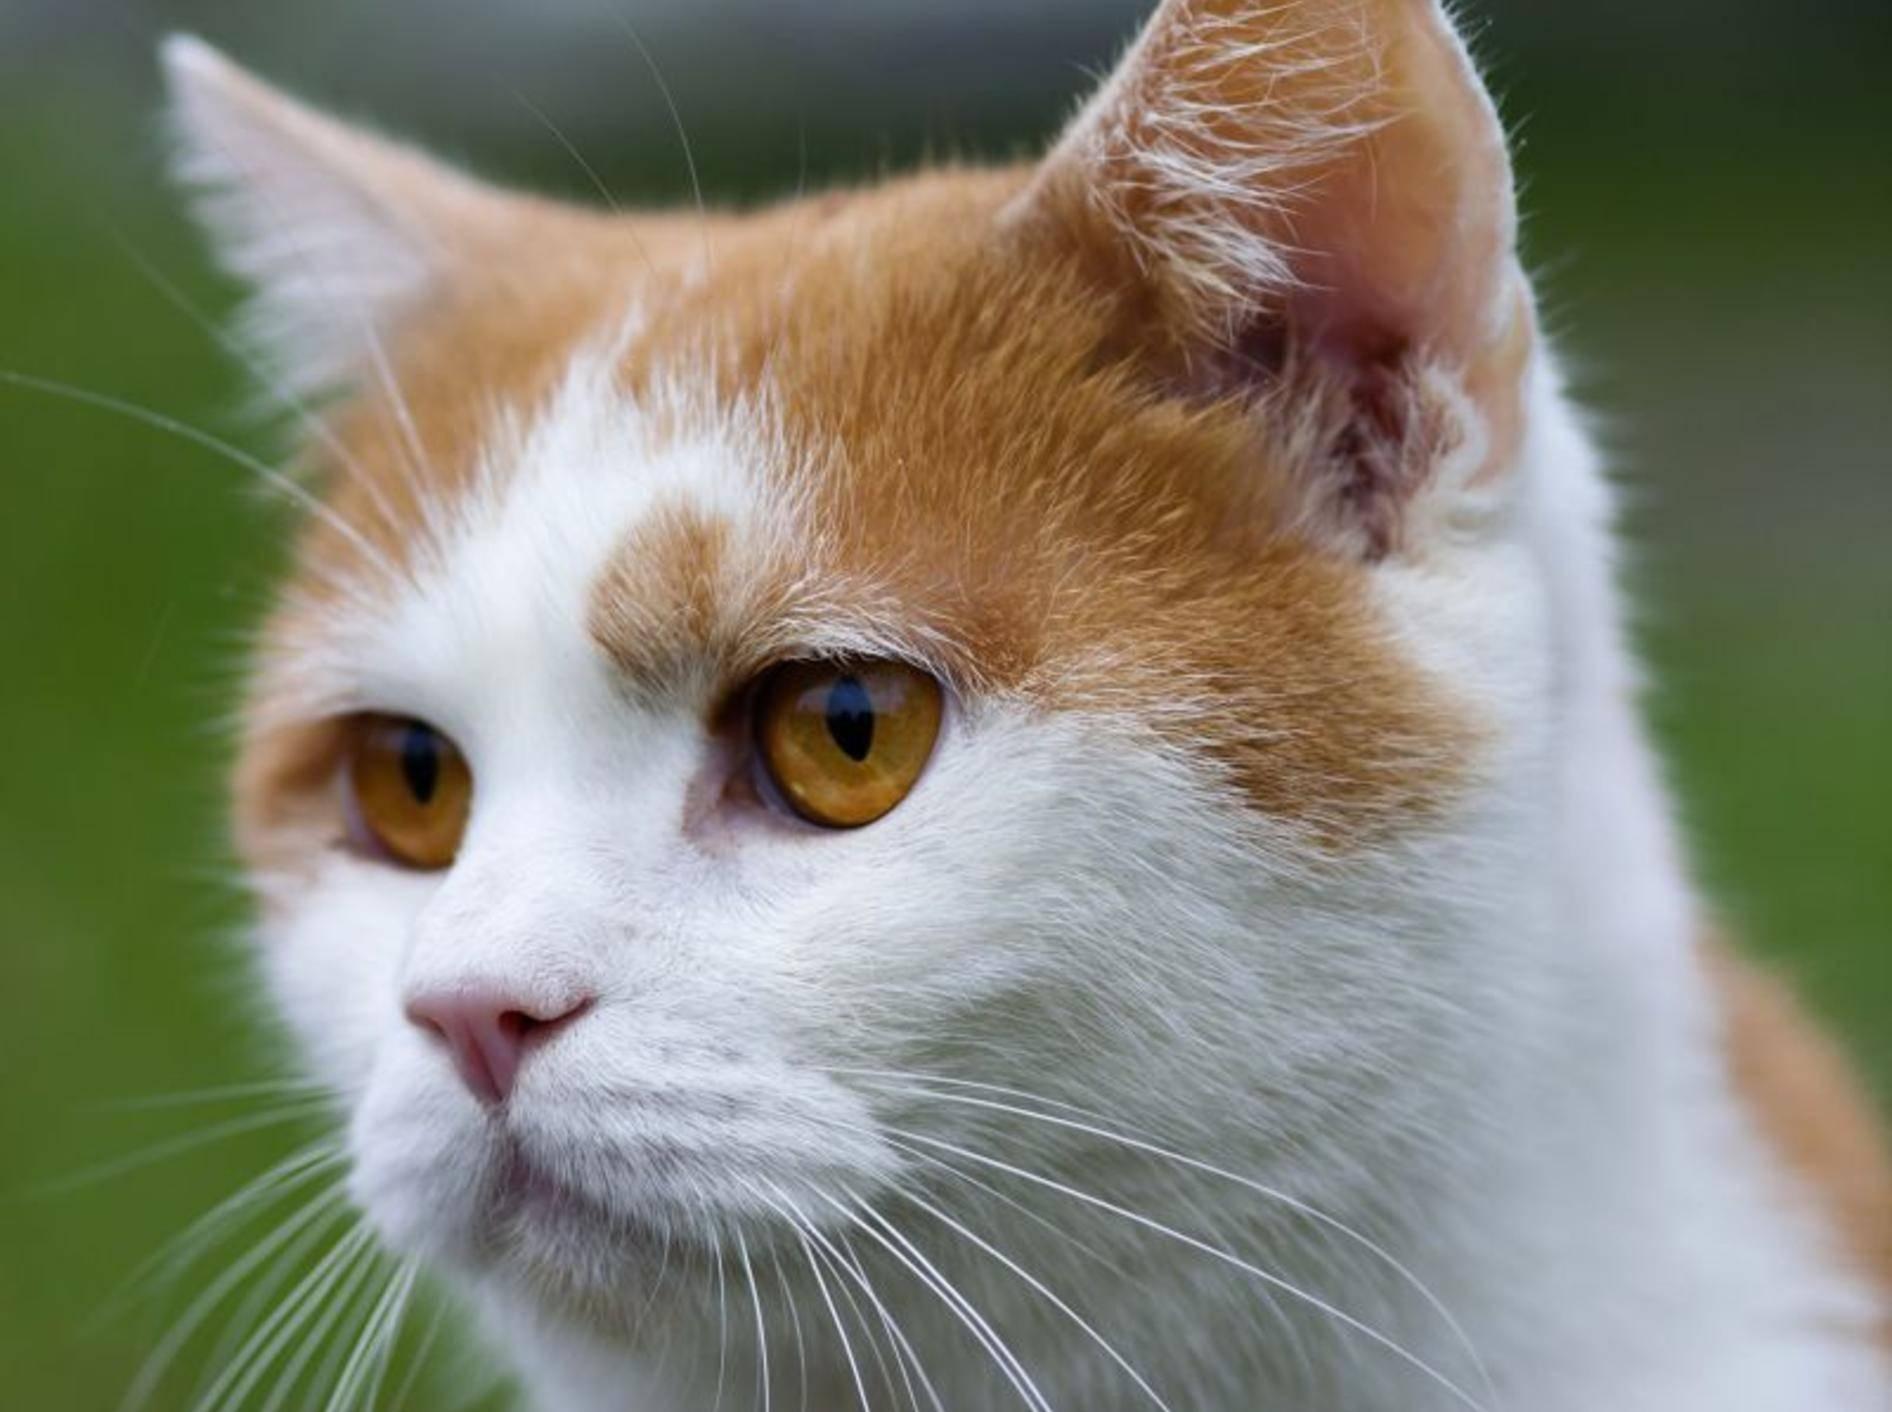 Diese schöne rote Katze macht den Anfang in unserer Bildergalerie — Bild: Shutterstock / siloto